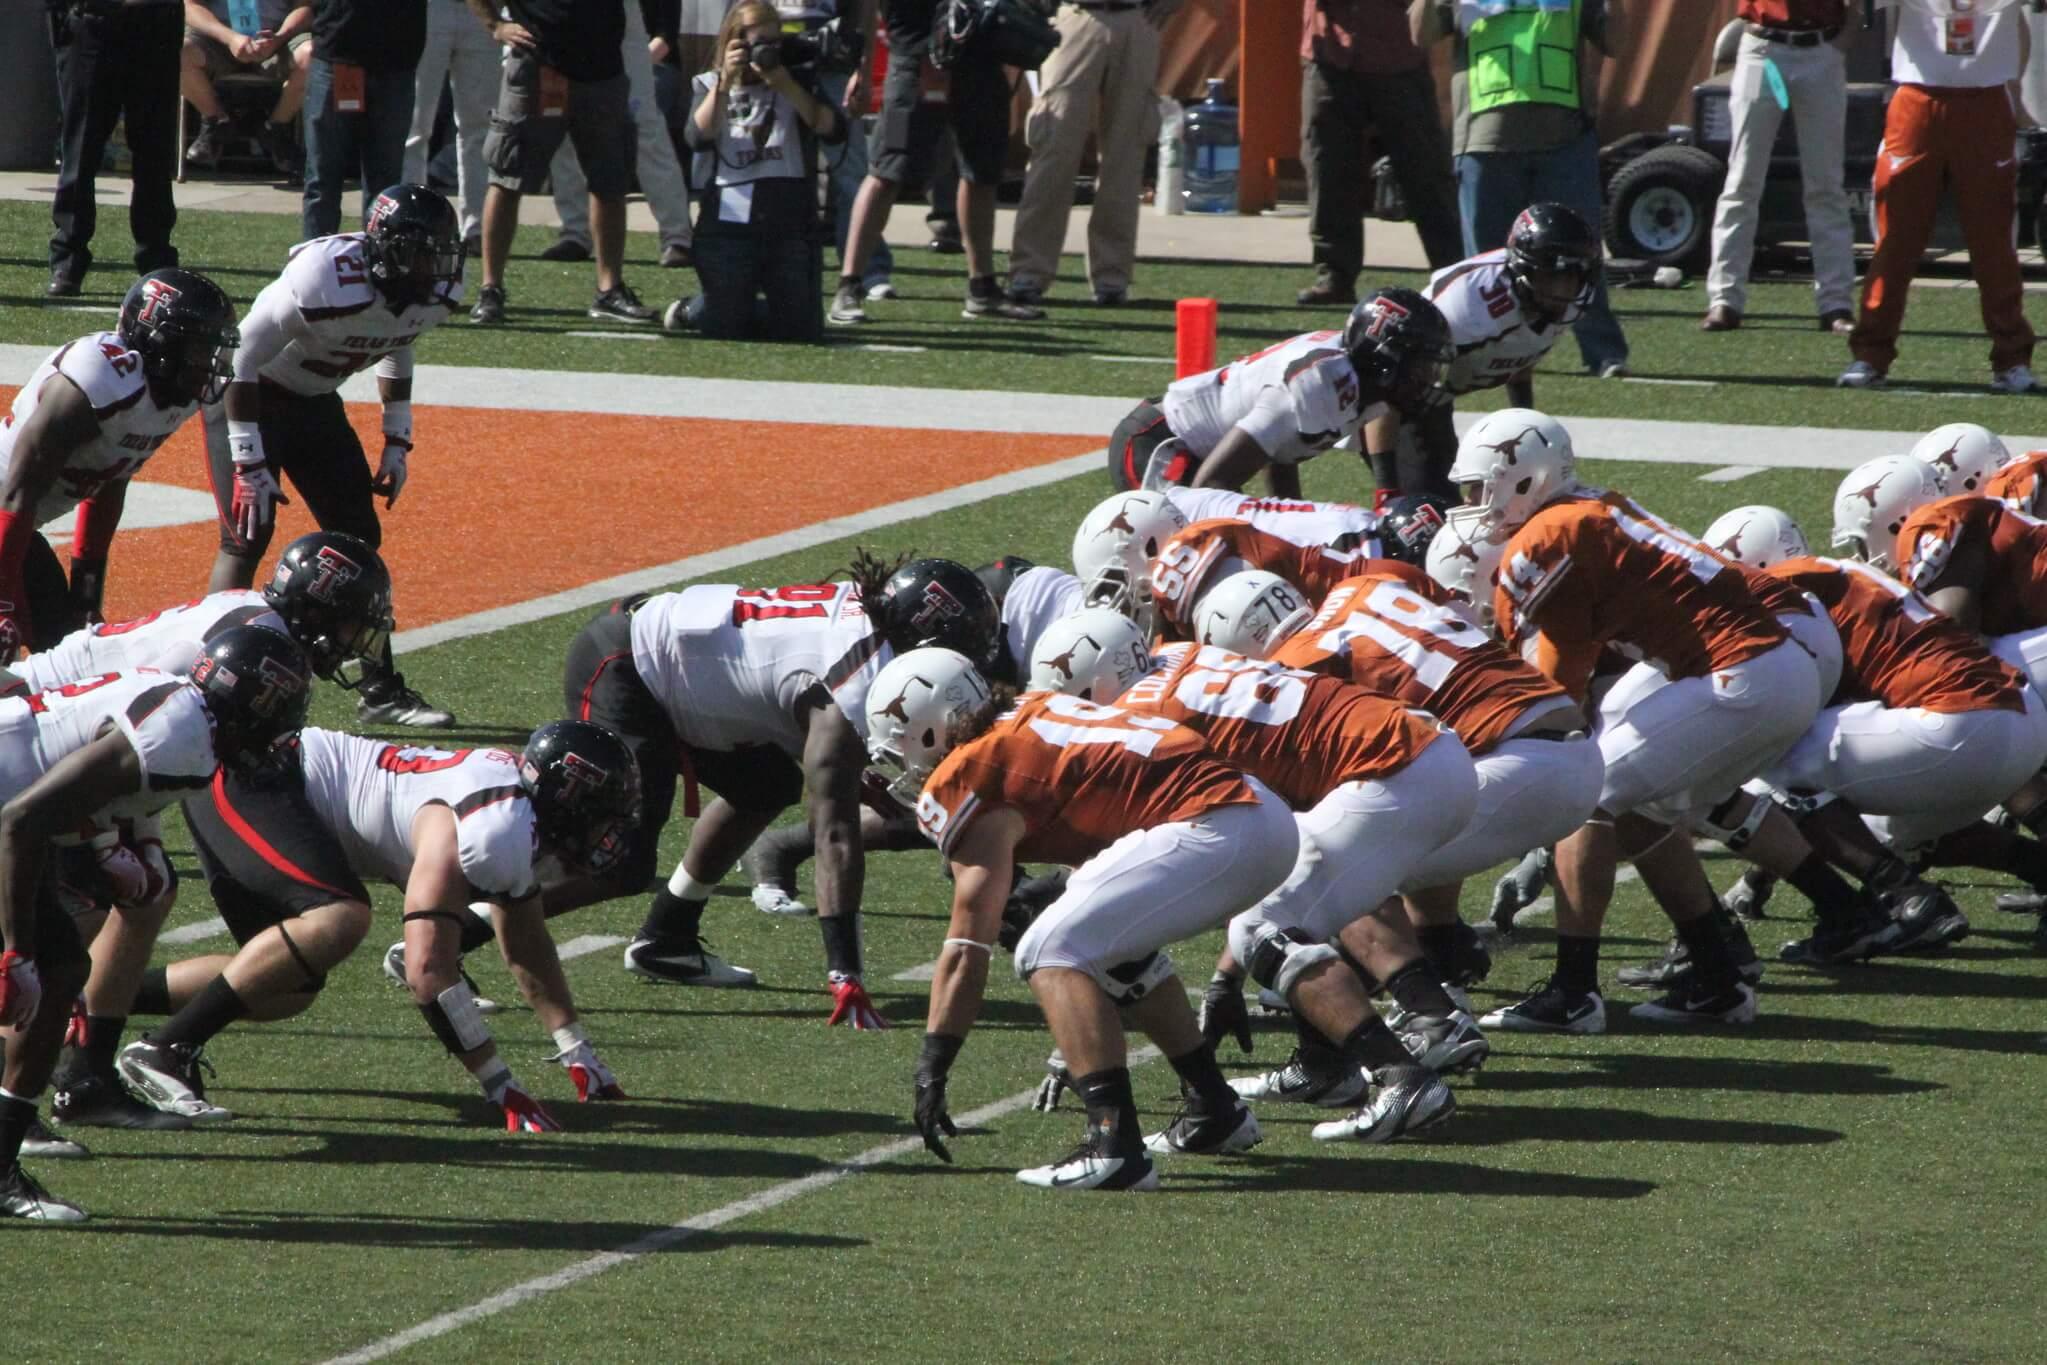 Texas vs Texas Tech Chancellors Spurs rivalry